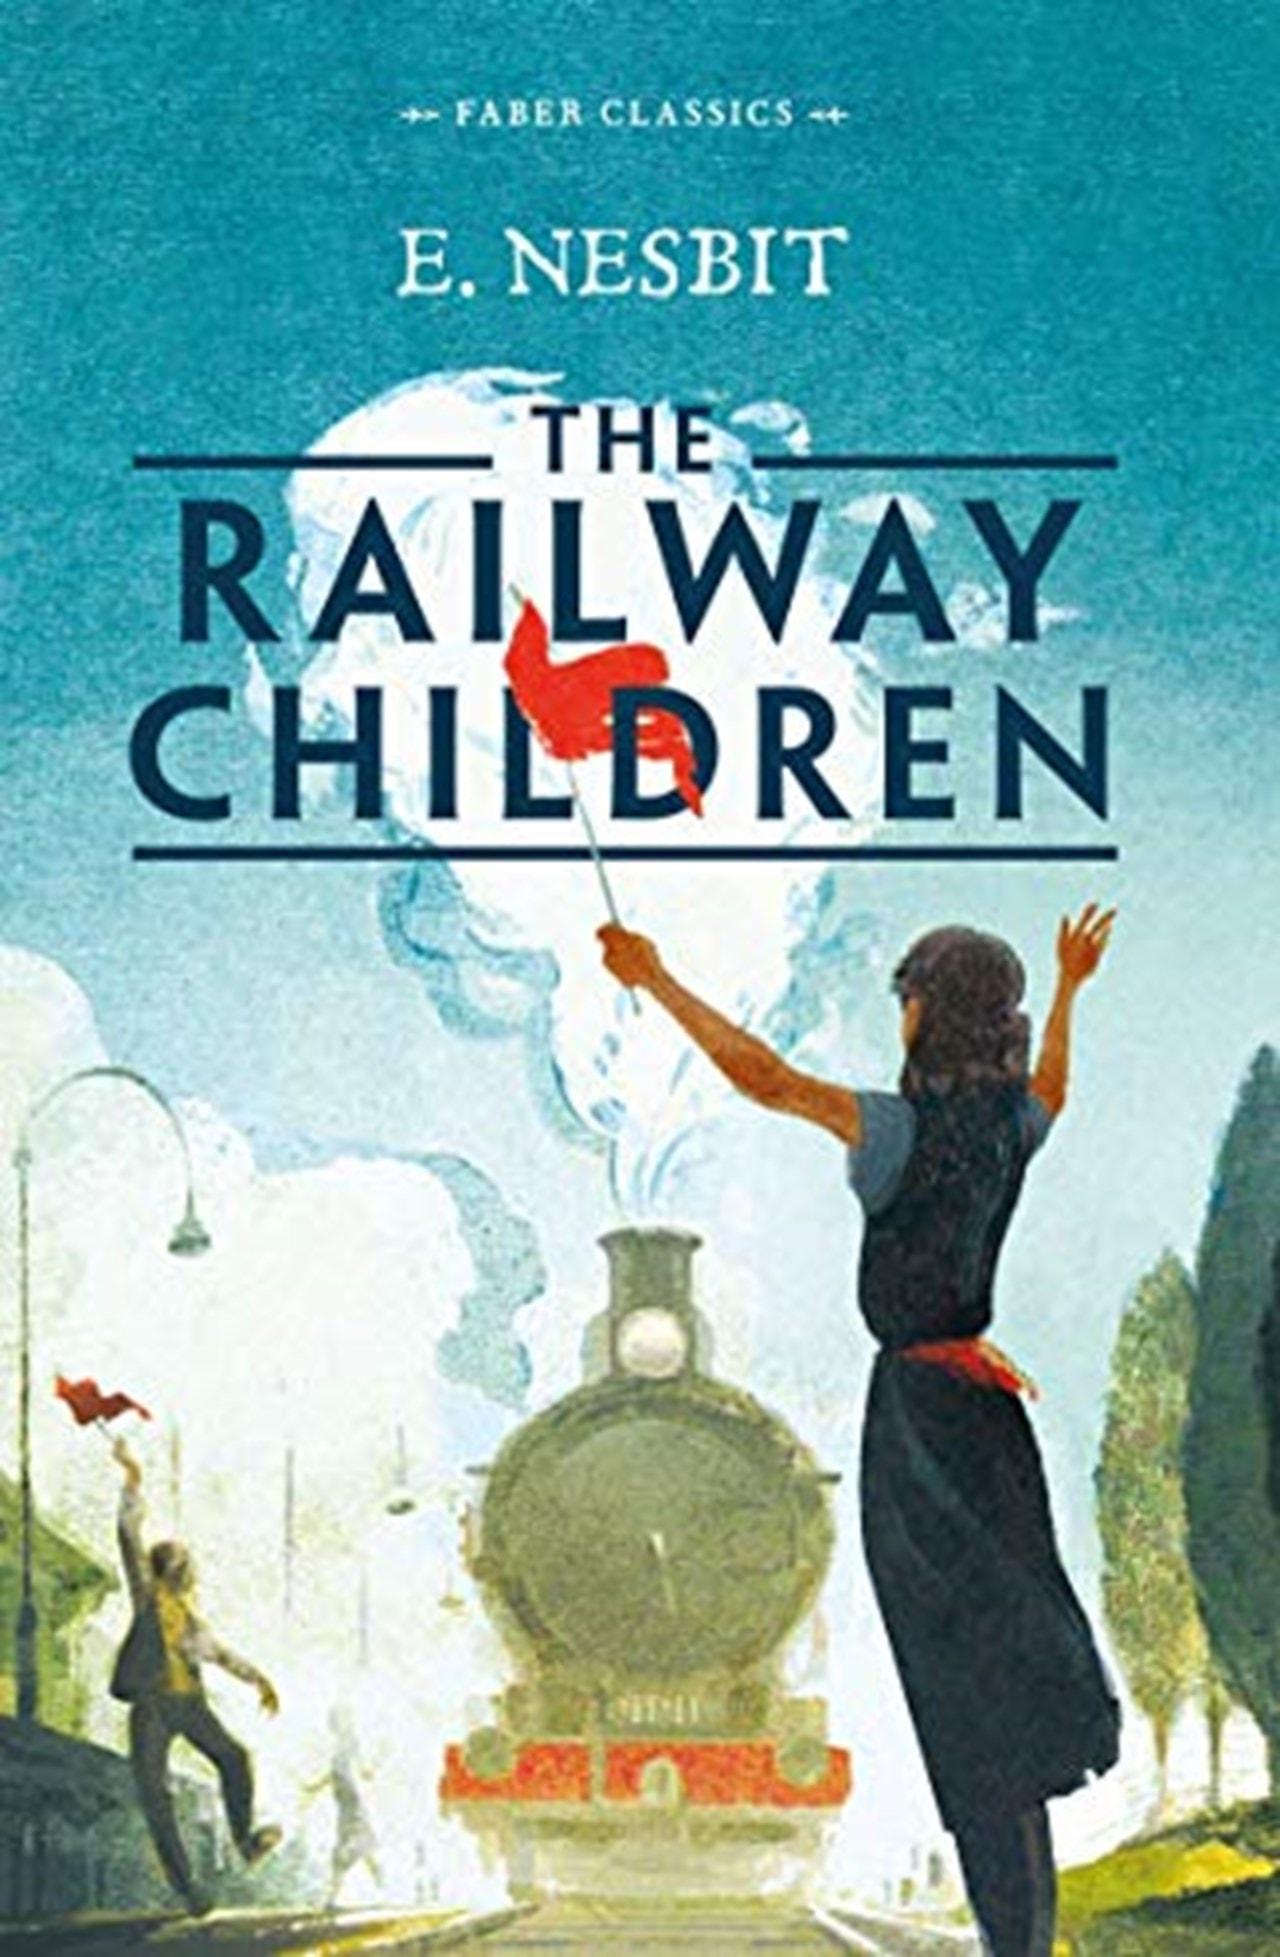 The Railway Children - 1